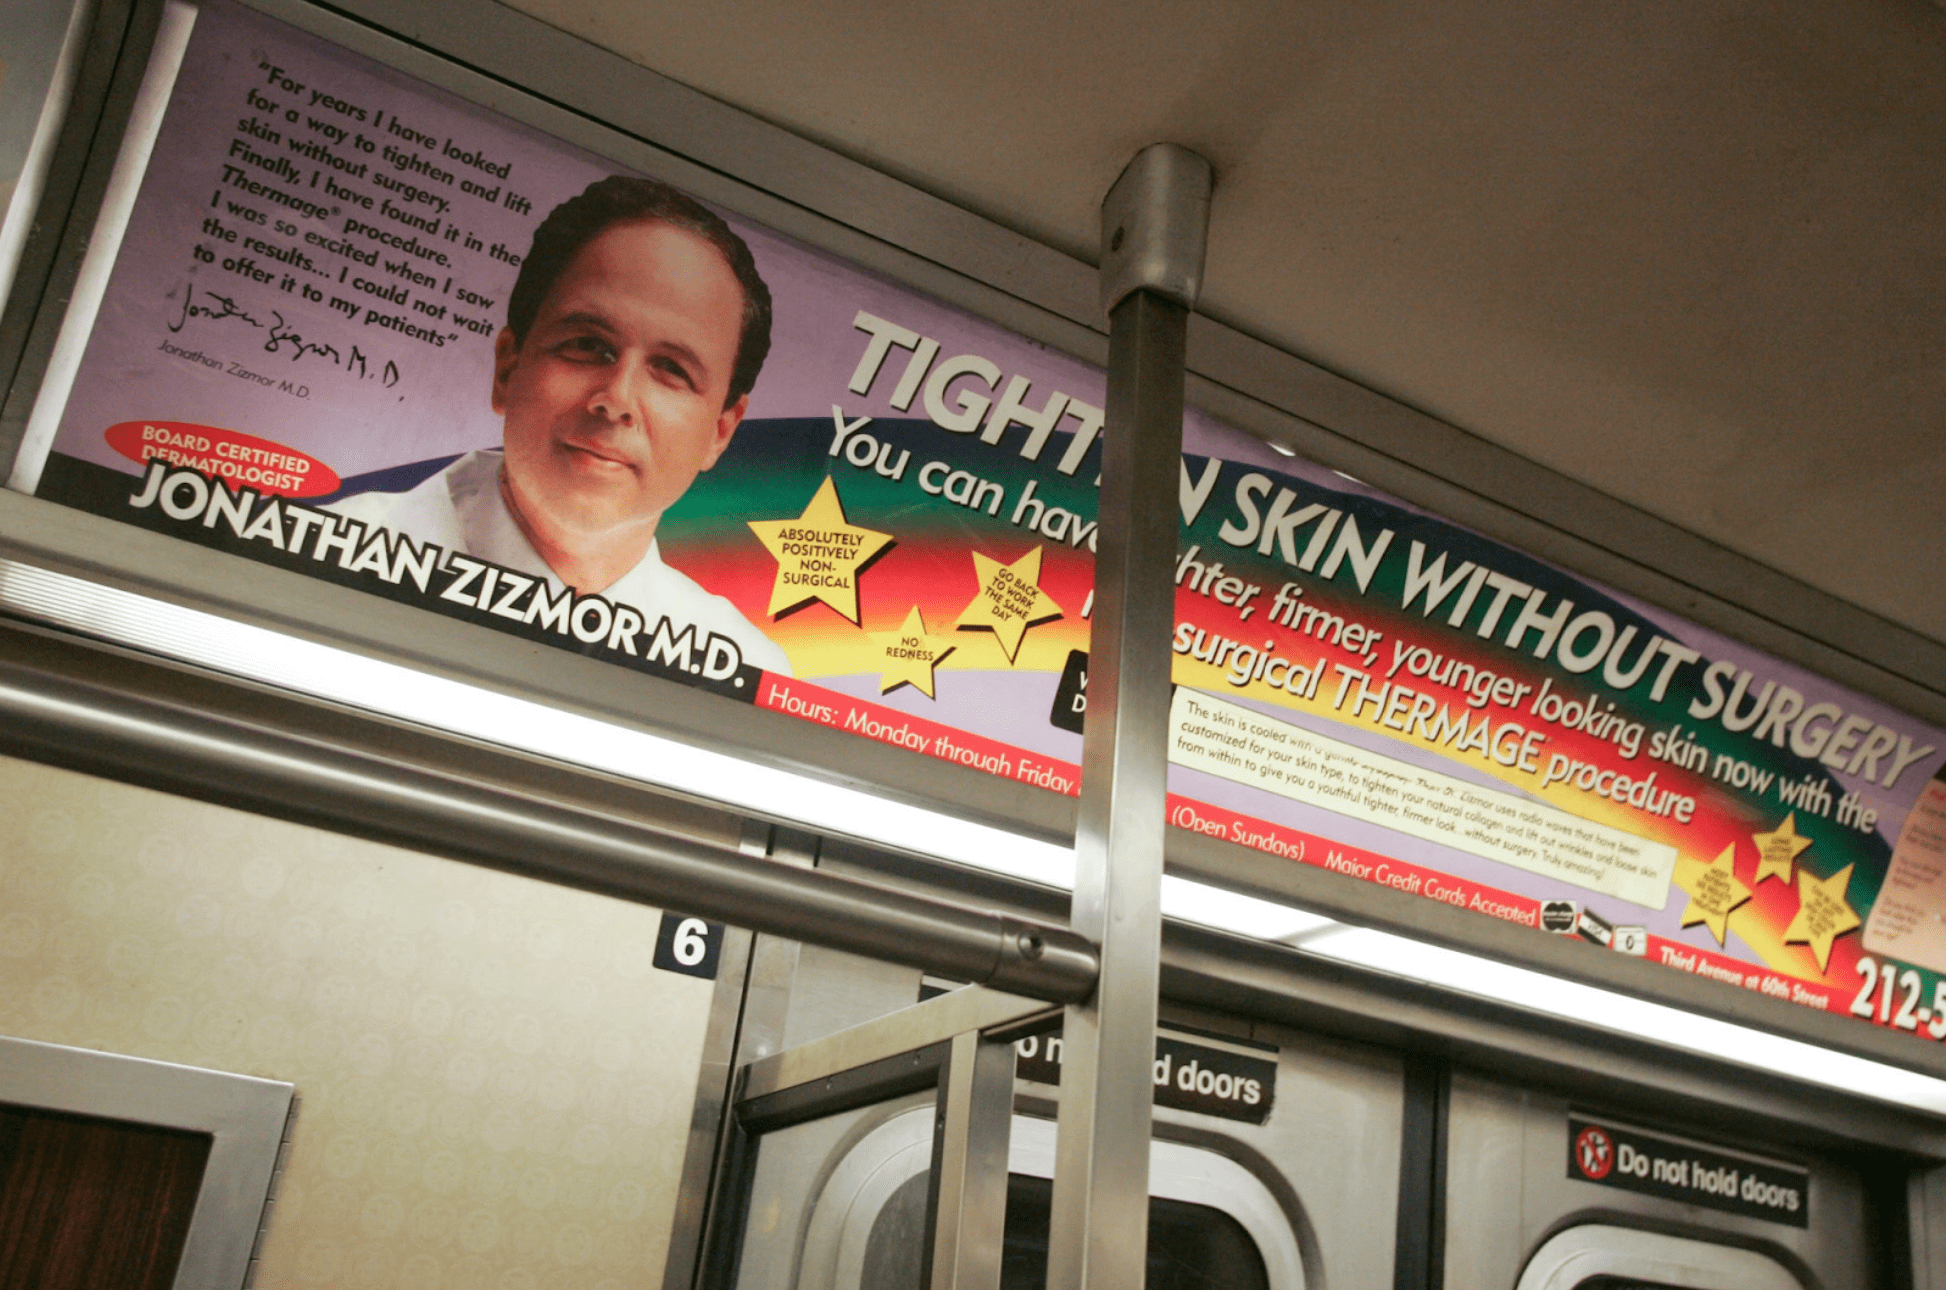 Jonathan Zizmor Ad